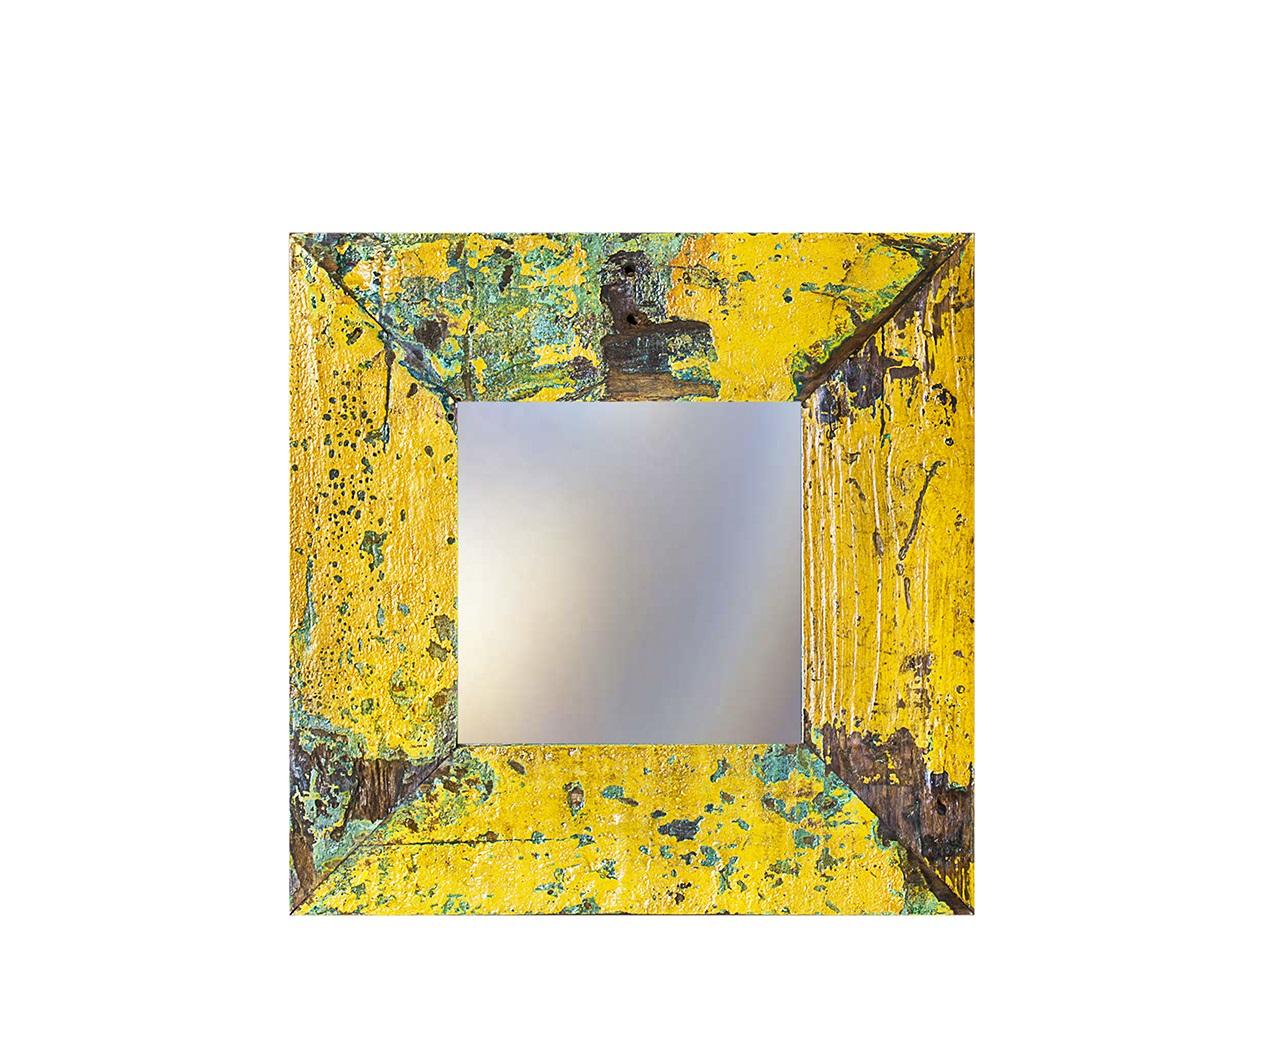 Зеркало Свет мой зеркальцеНастенные зеркала<br>Зеркало выполнено из фрагментов настоящего рыболовецкого судна, возраст которого 20-40 лет. Окрас сохранён оригинальный.<br><br>Material: Тик<br>Width см: 80<br>Depth см: 3<br>Height см: 60